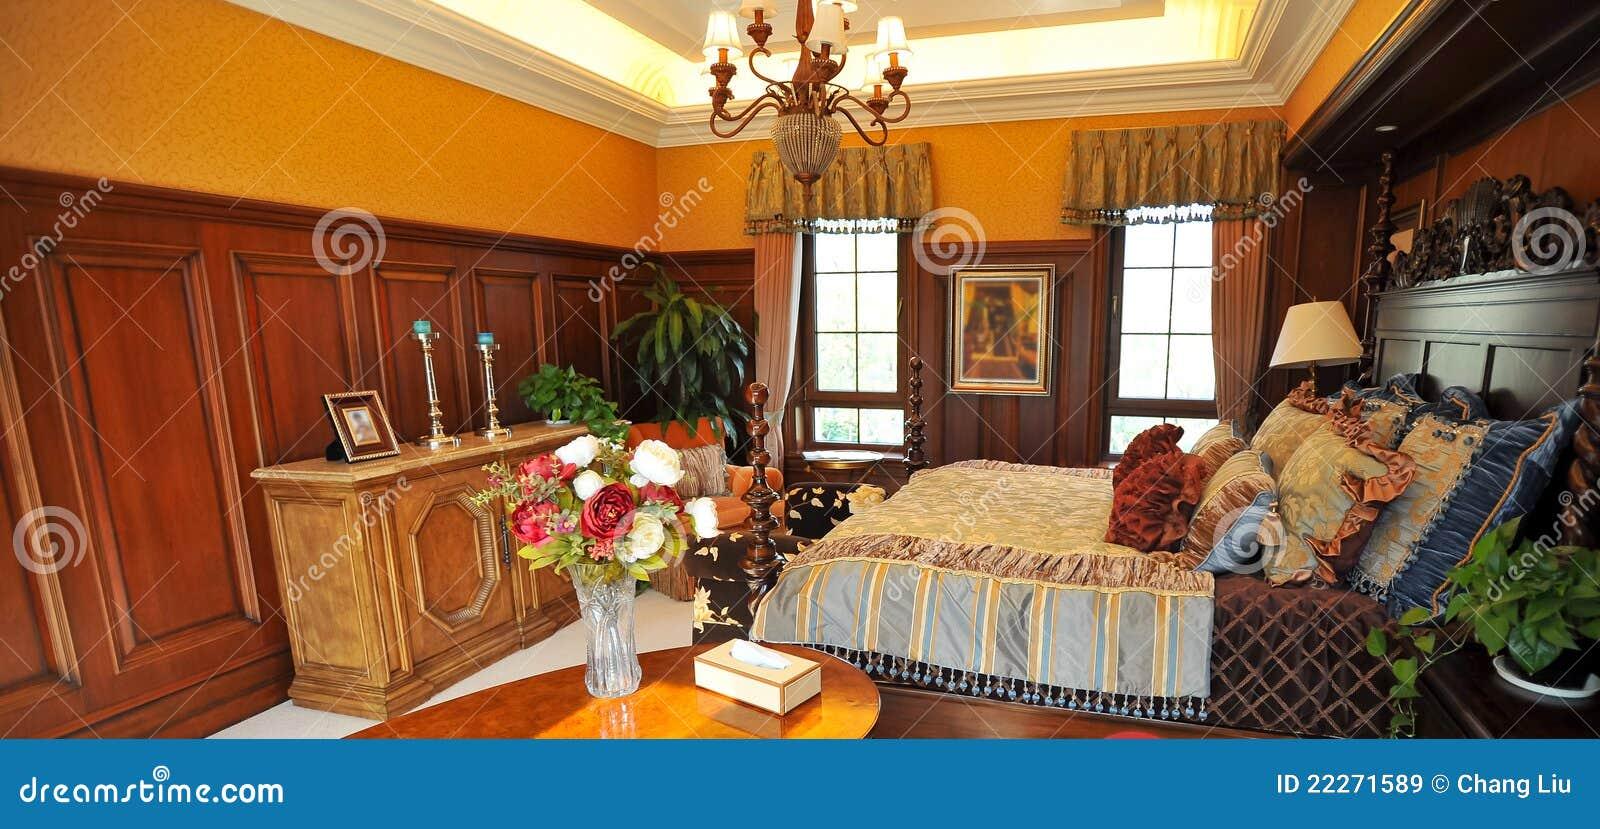 Piccola da letto Camera decorazione : Decorazione Di Camera Da Letto : Camera da letto classica con la ...